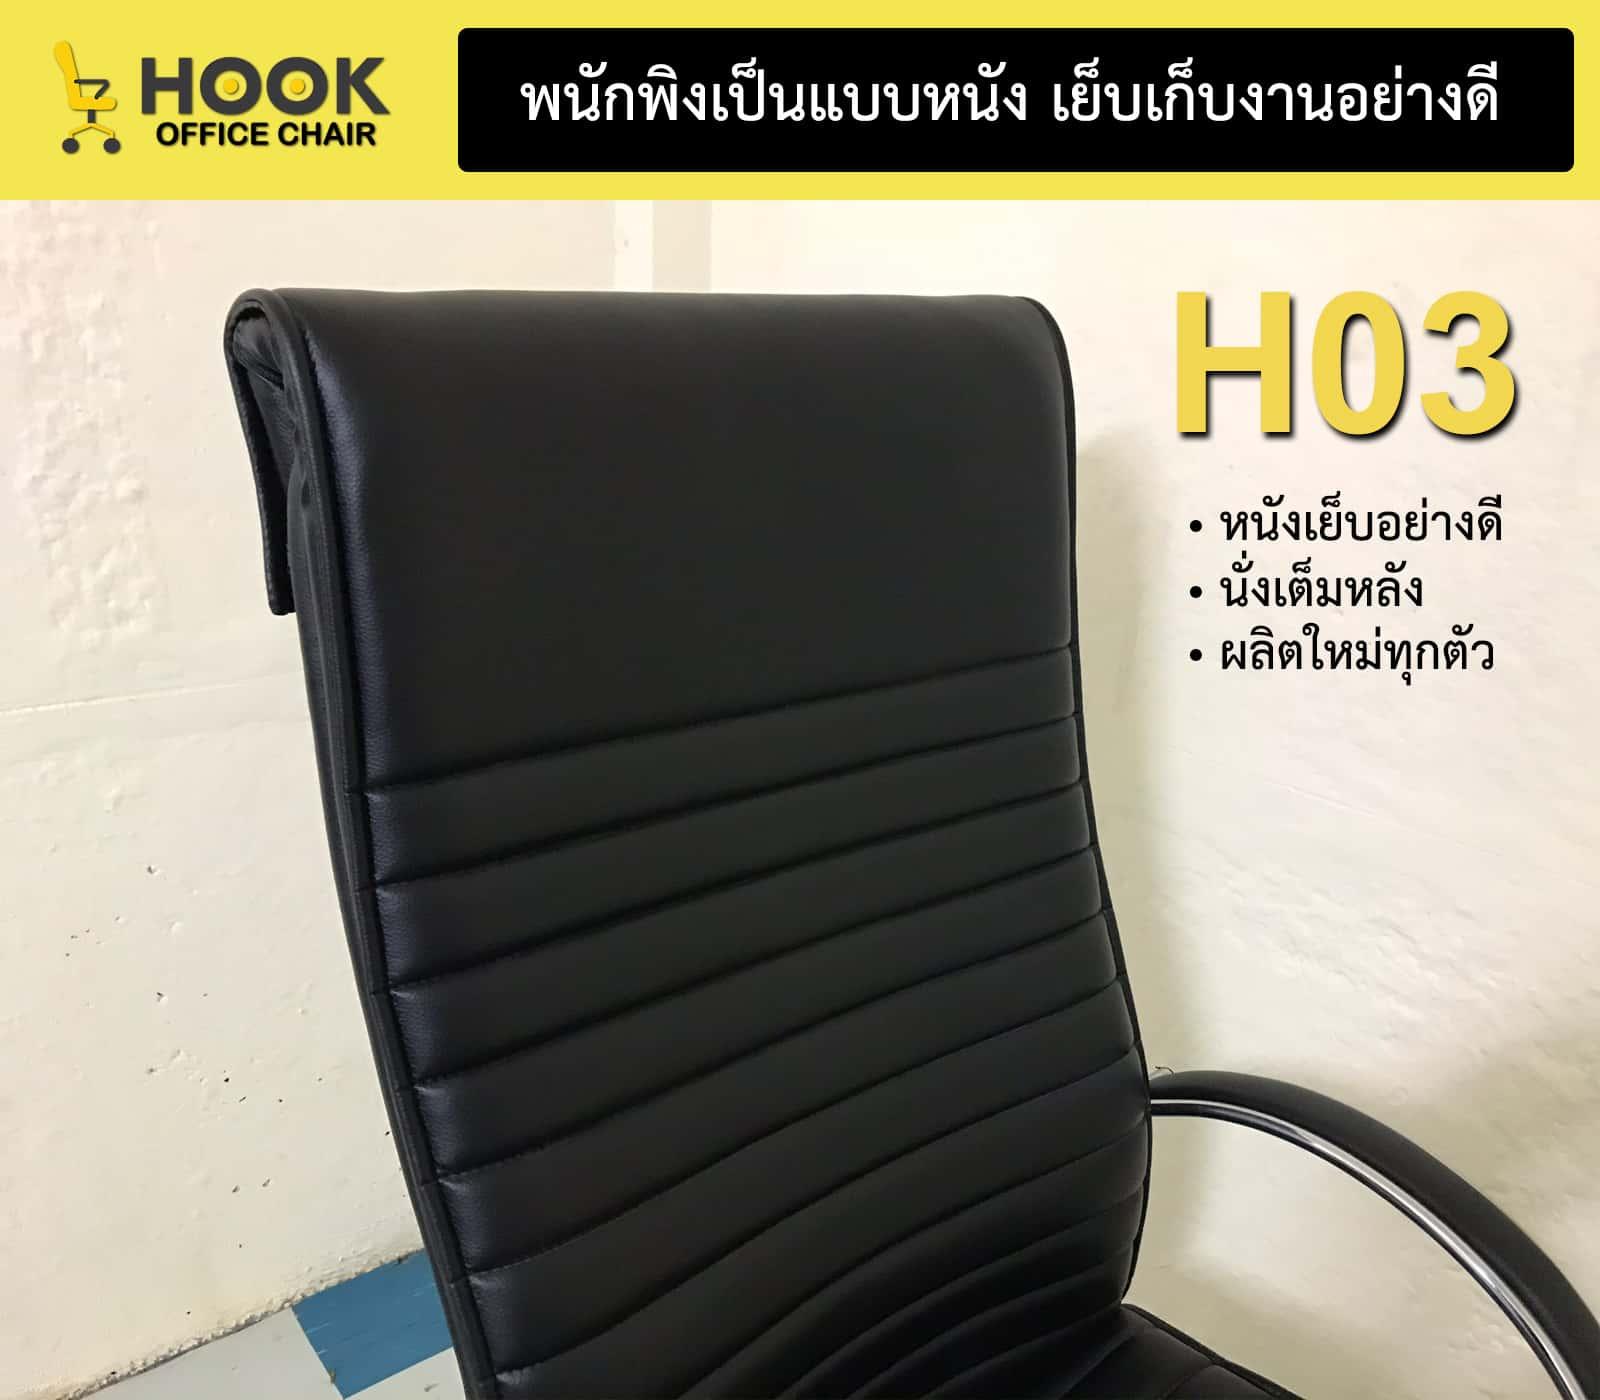 เก้าอี้ผู้บริหาร-H03-4-min